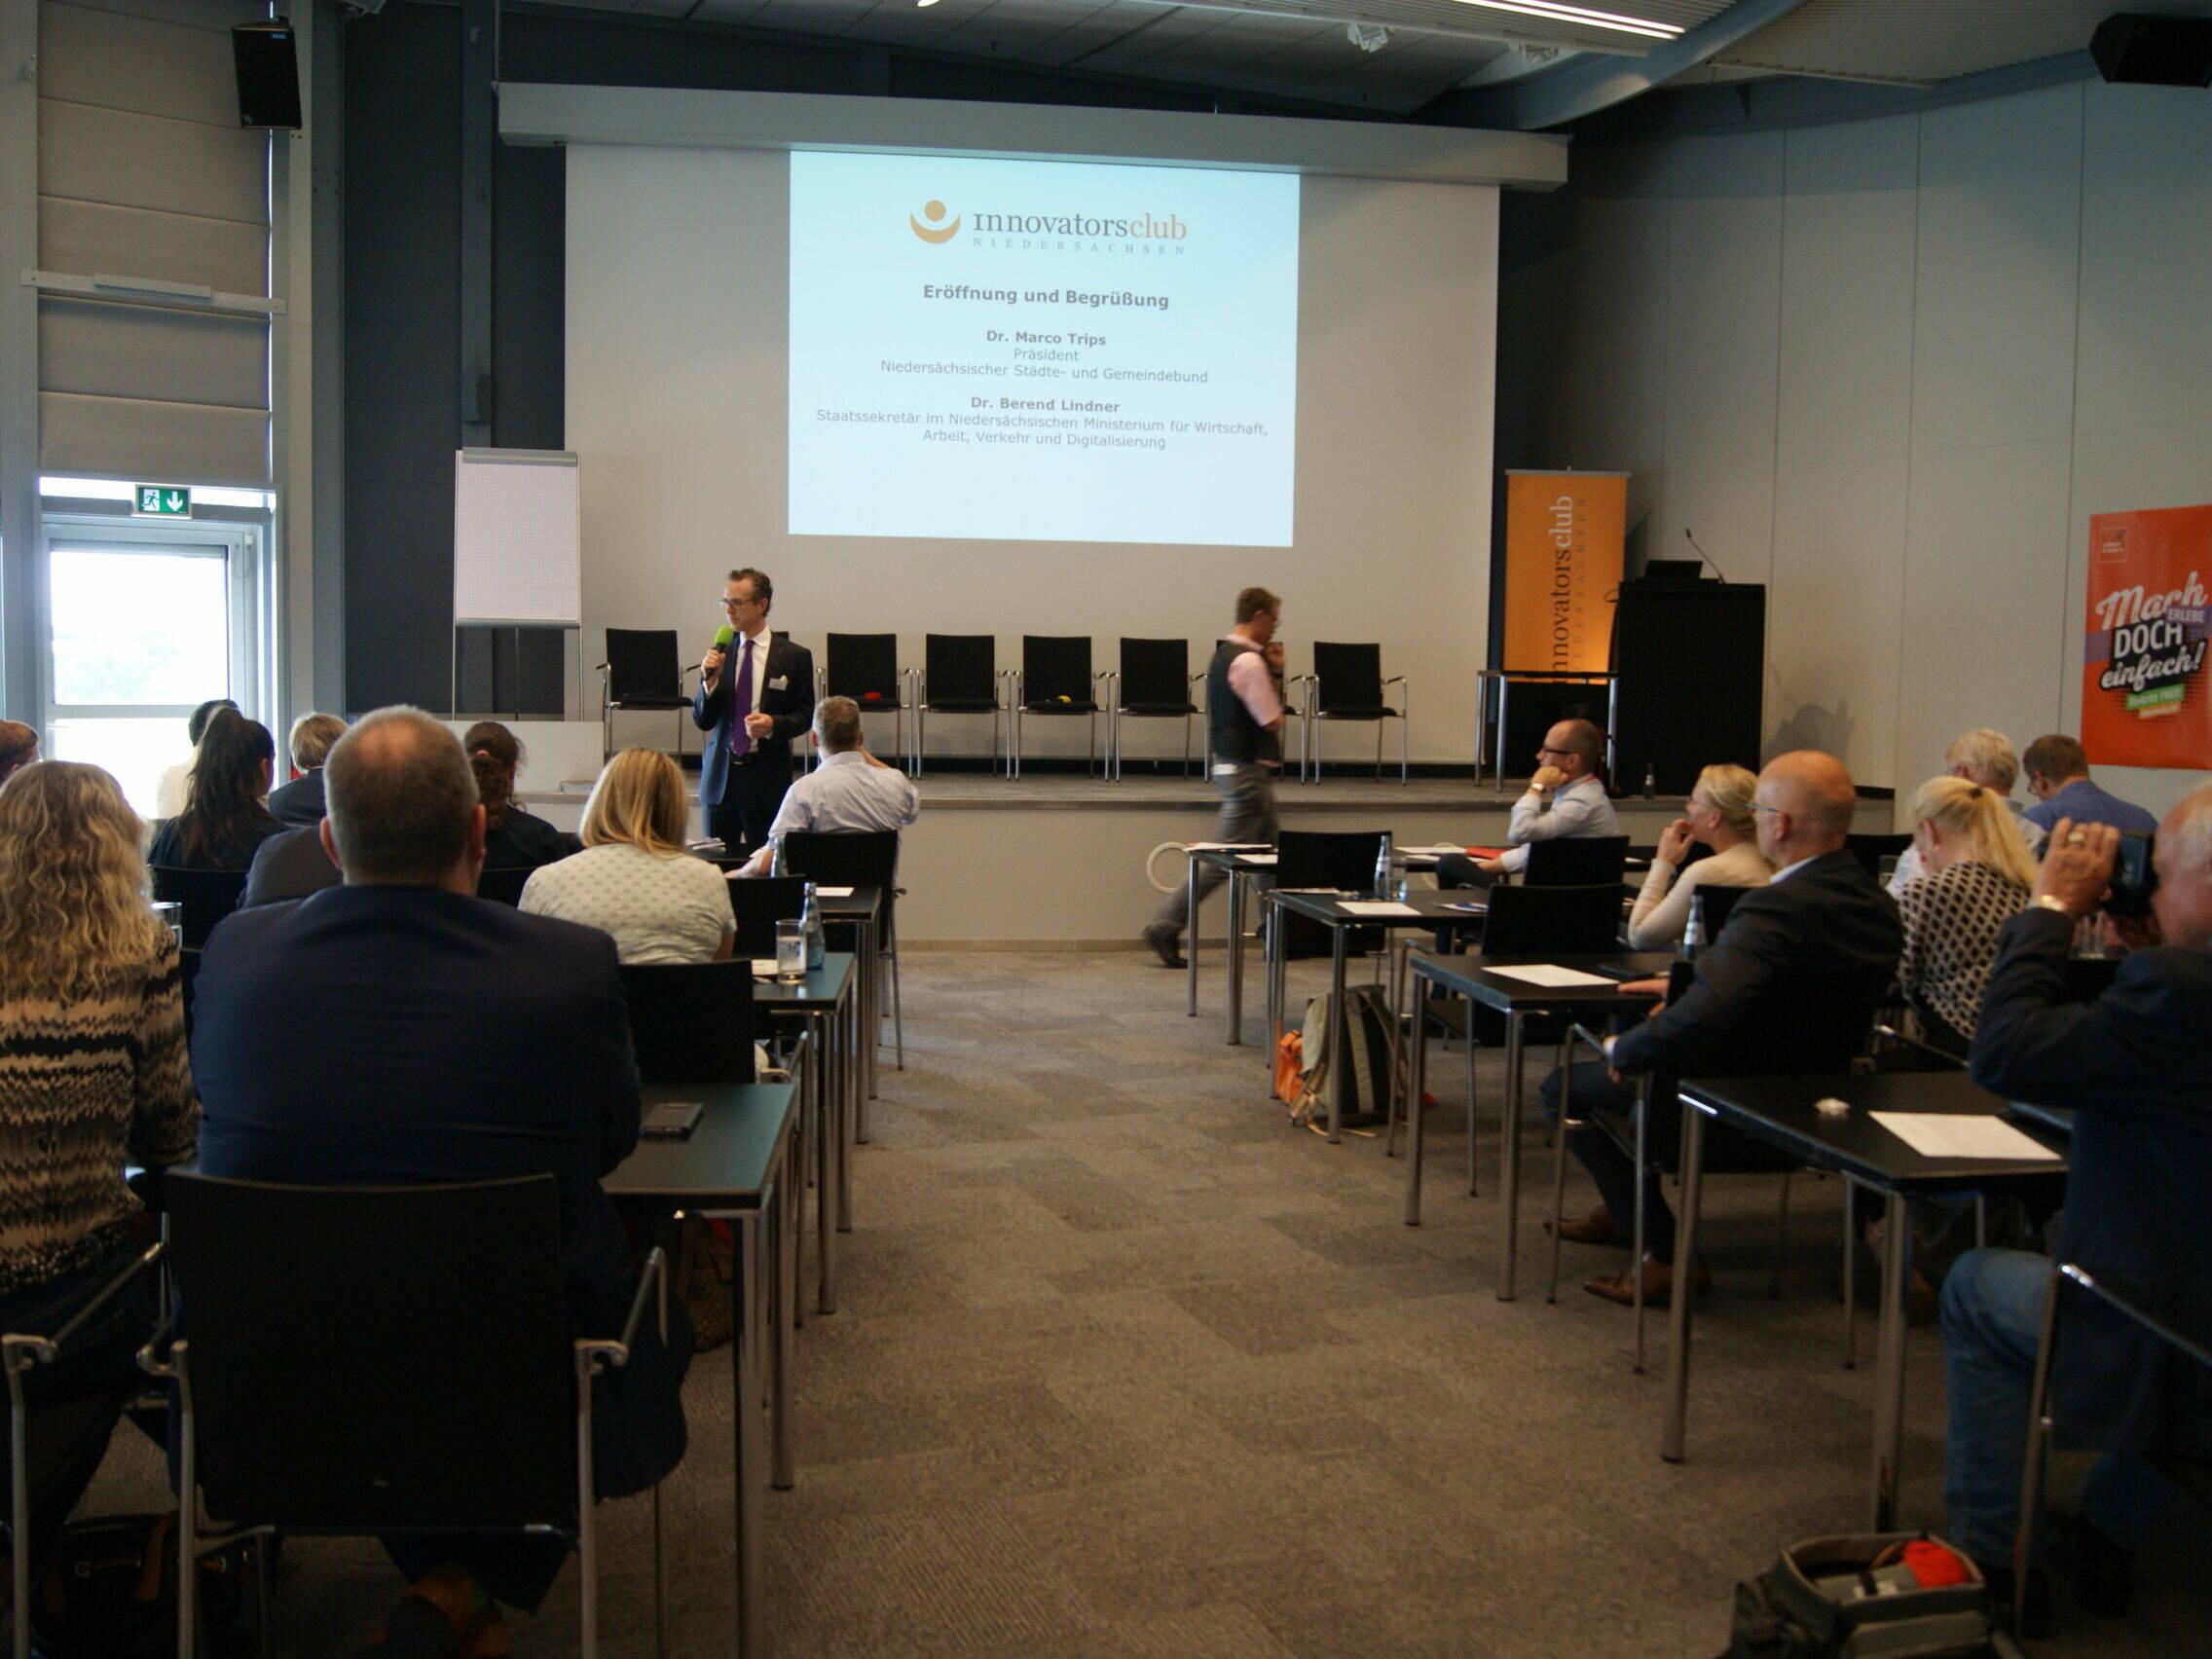 Veranstaltung innovatorsclub - Tagungsraum mit Teilnehmern